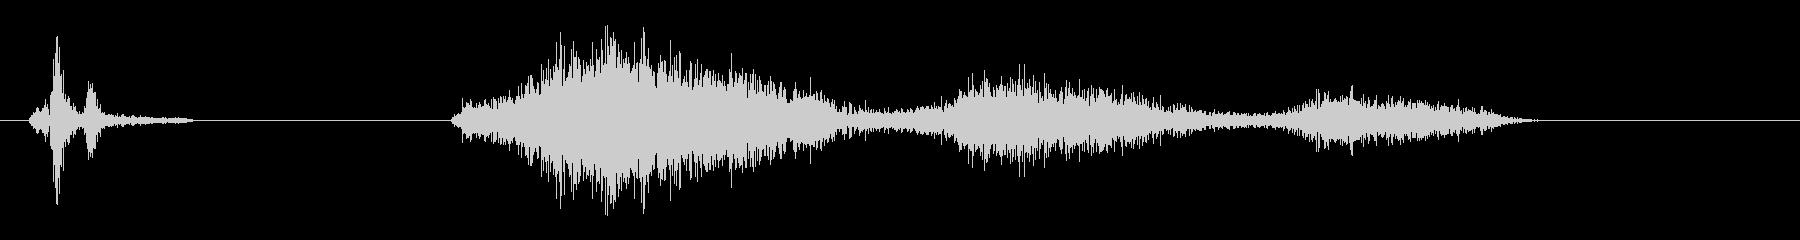 ピキュン(高音、高速、短めのアクション音の未再生の波形